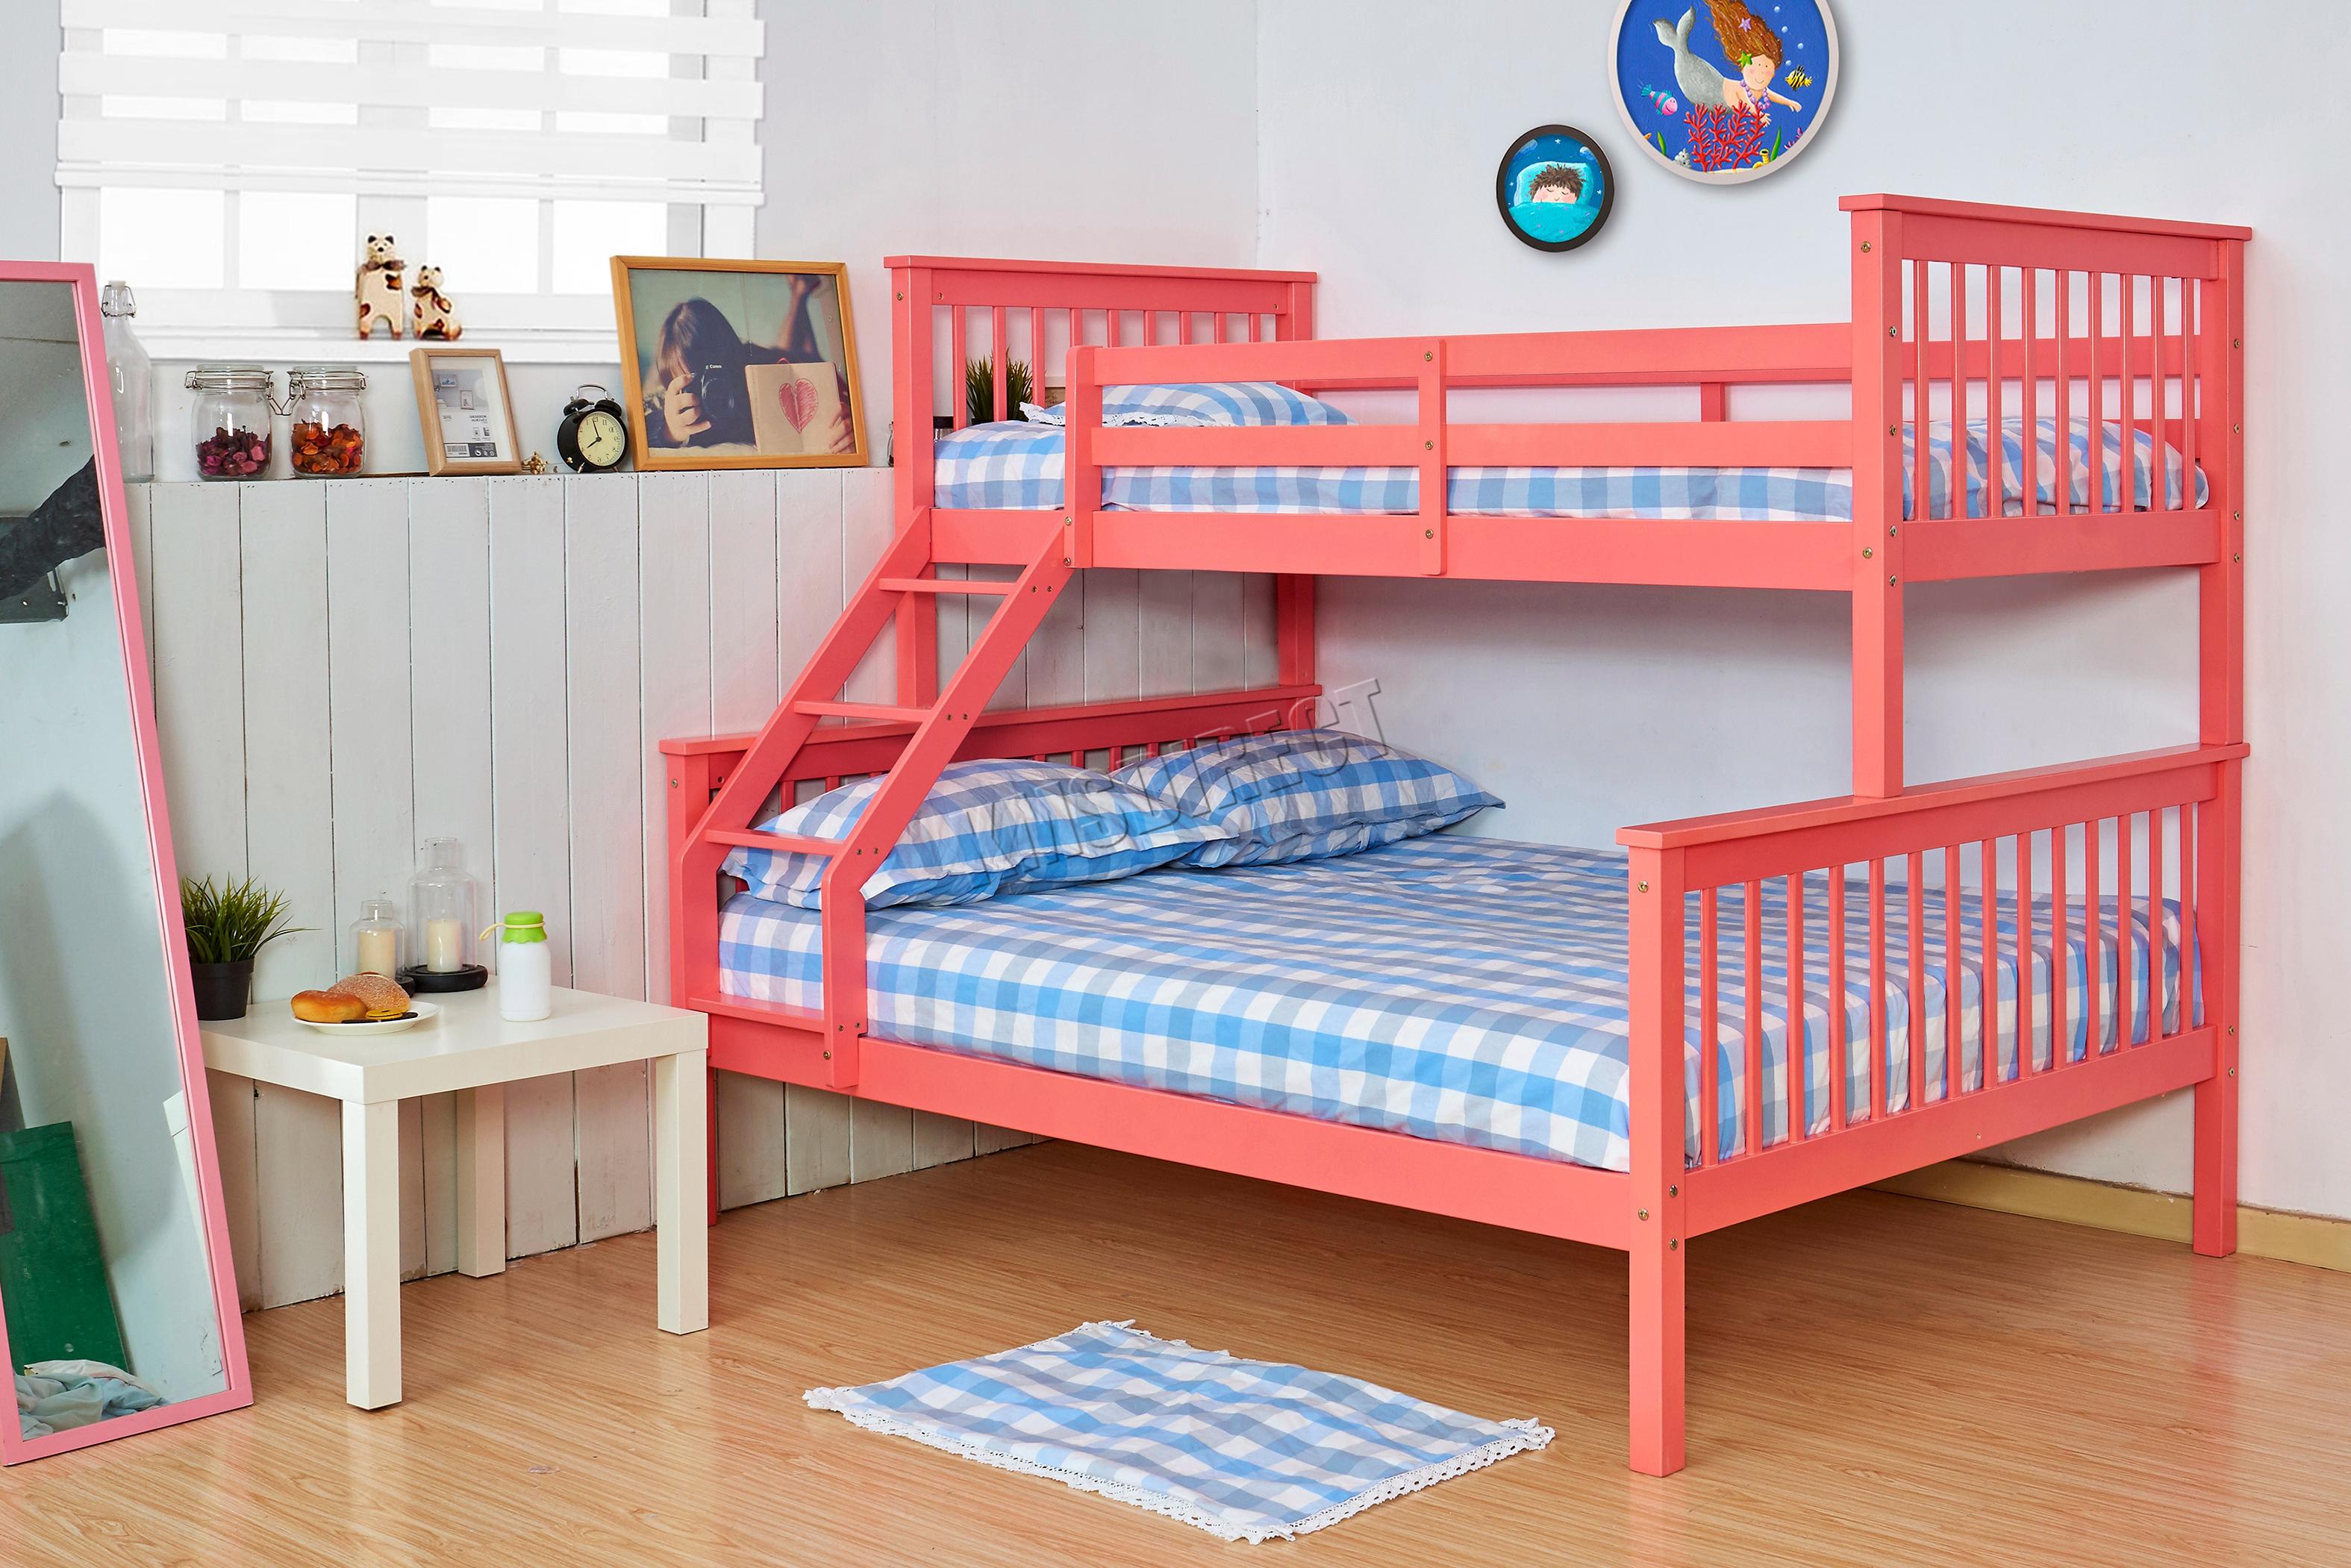 Letto A Castello Triplo Per Bambini : Foxhunter a castello letto cornice in legno bambini triplo sleeper